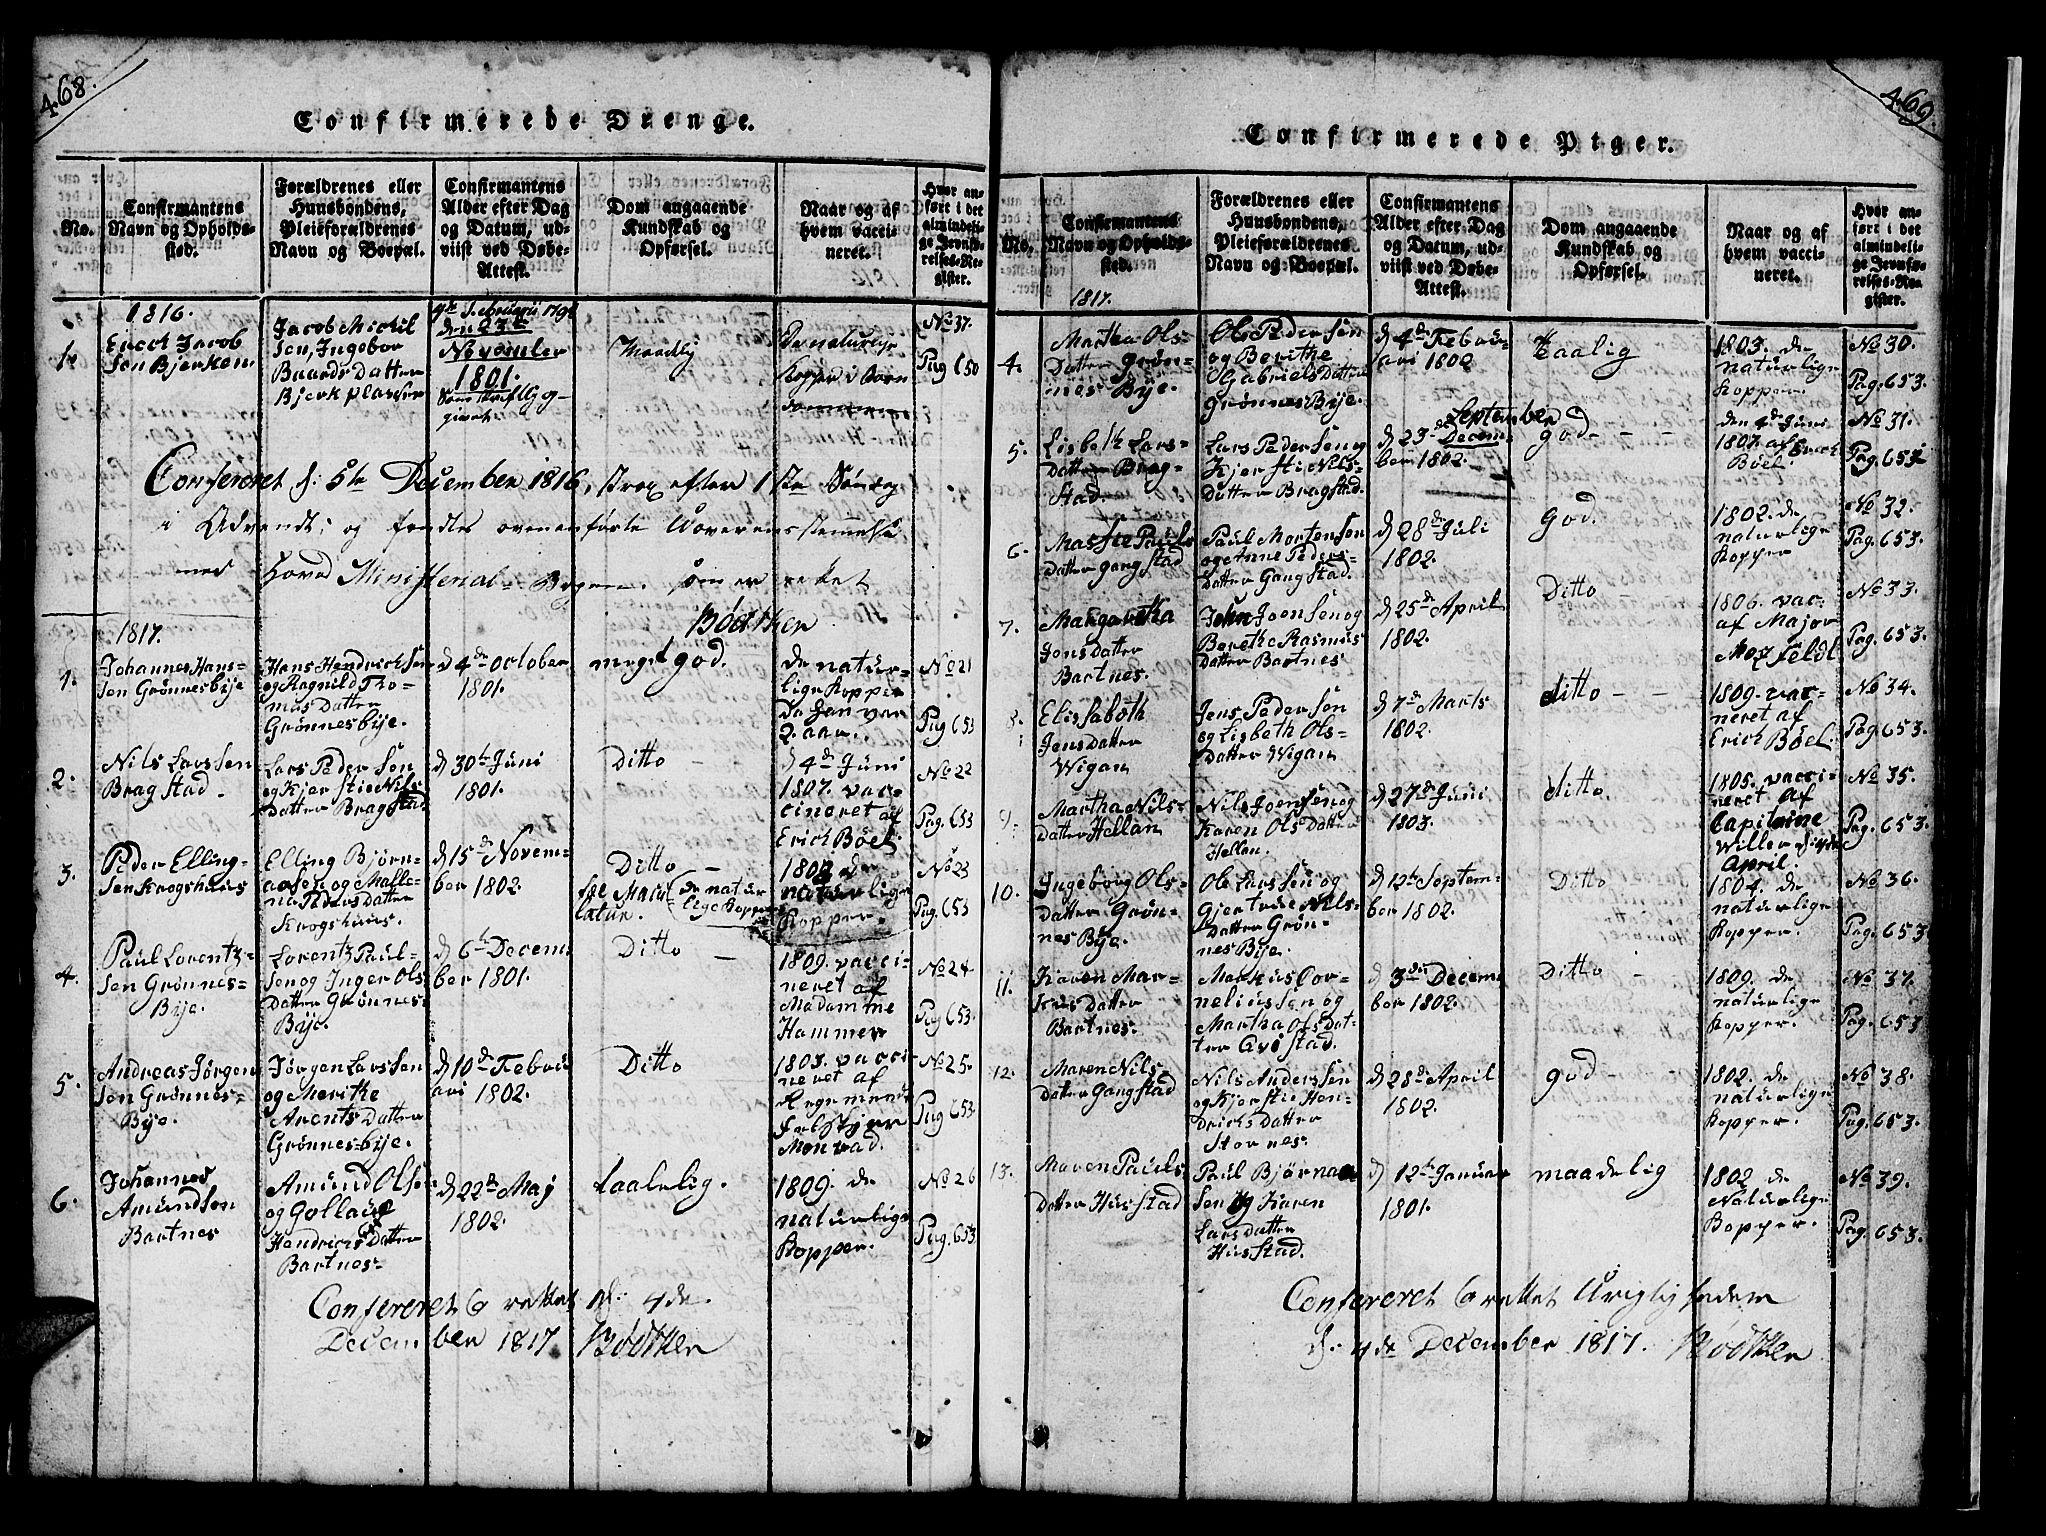 SAT, Ministerialprotokoller, klokkerbøker og fødselsregistre - Nord-Trøndelag, 732/L0317: Klokkerbok nr. 732C01, 1816-1881, s. 468-469